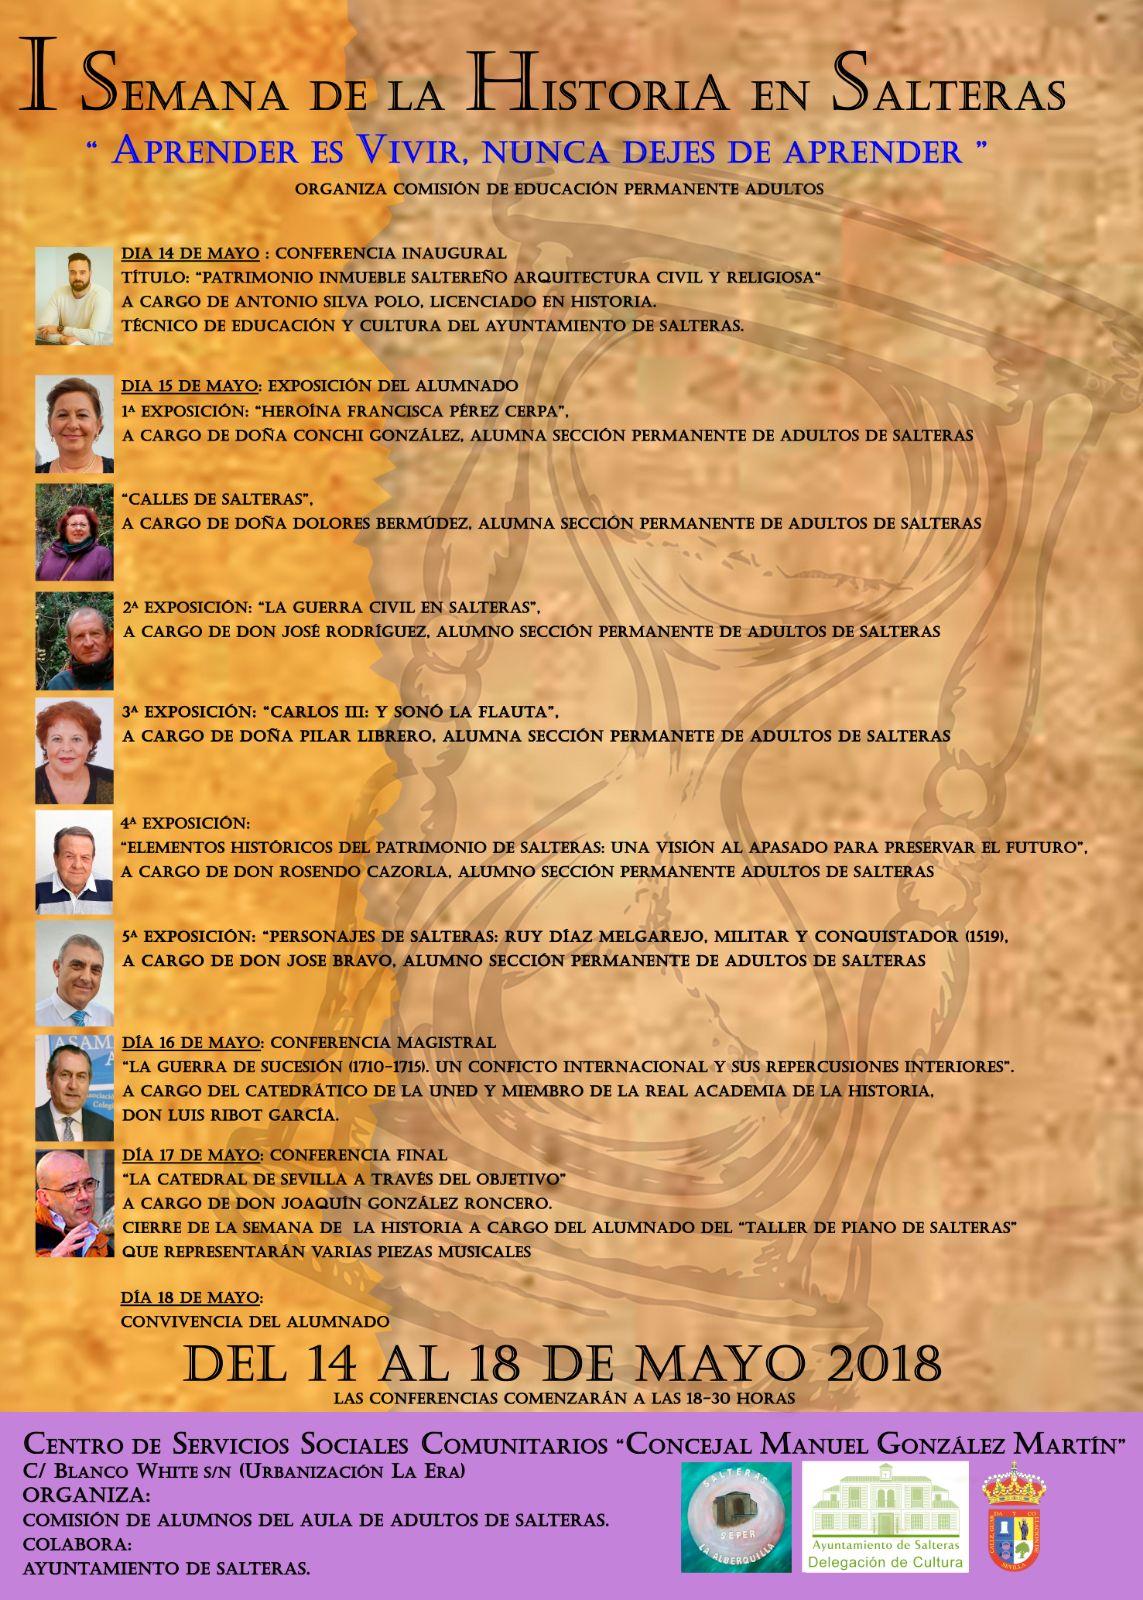 """LA REAL ACADEMIA DE LA HISTORIA COLABORA EN LA """"SEMANA DE LA HISTORIA"""" DE SALTERAS, DEL 14 AL 18 DE MAYO"""